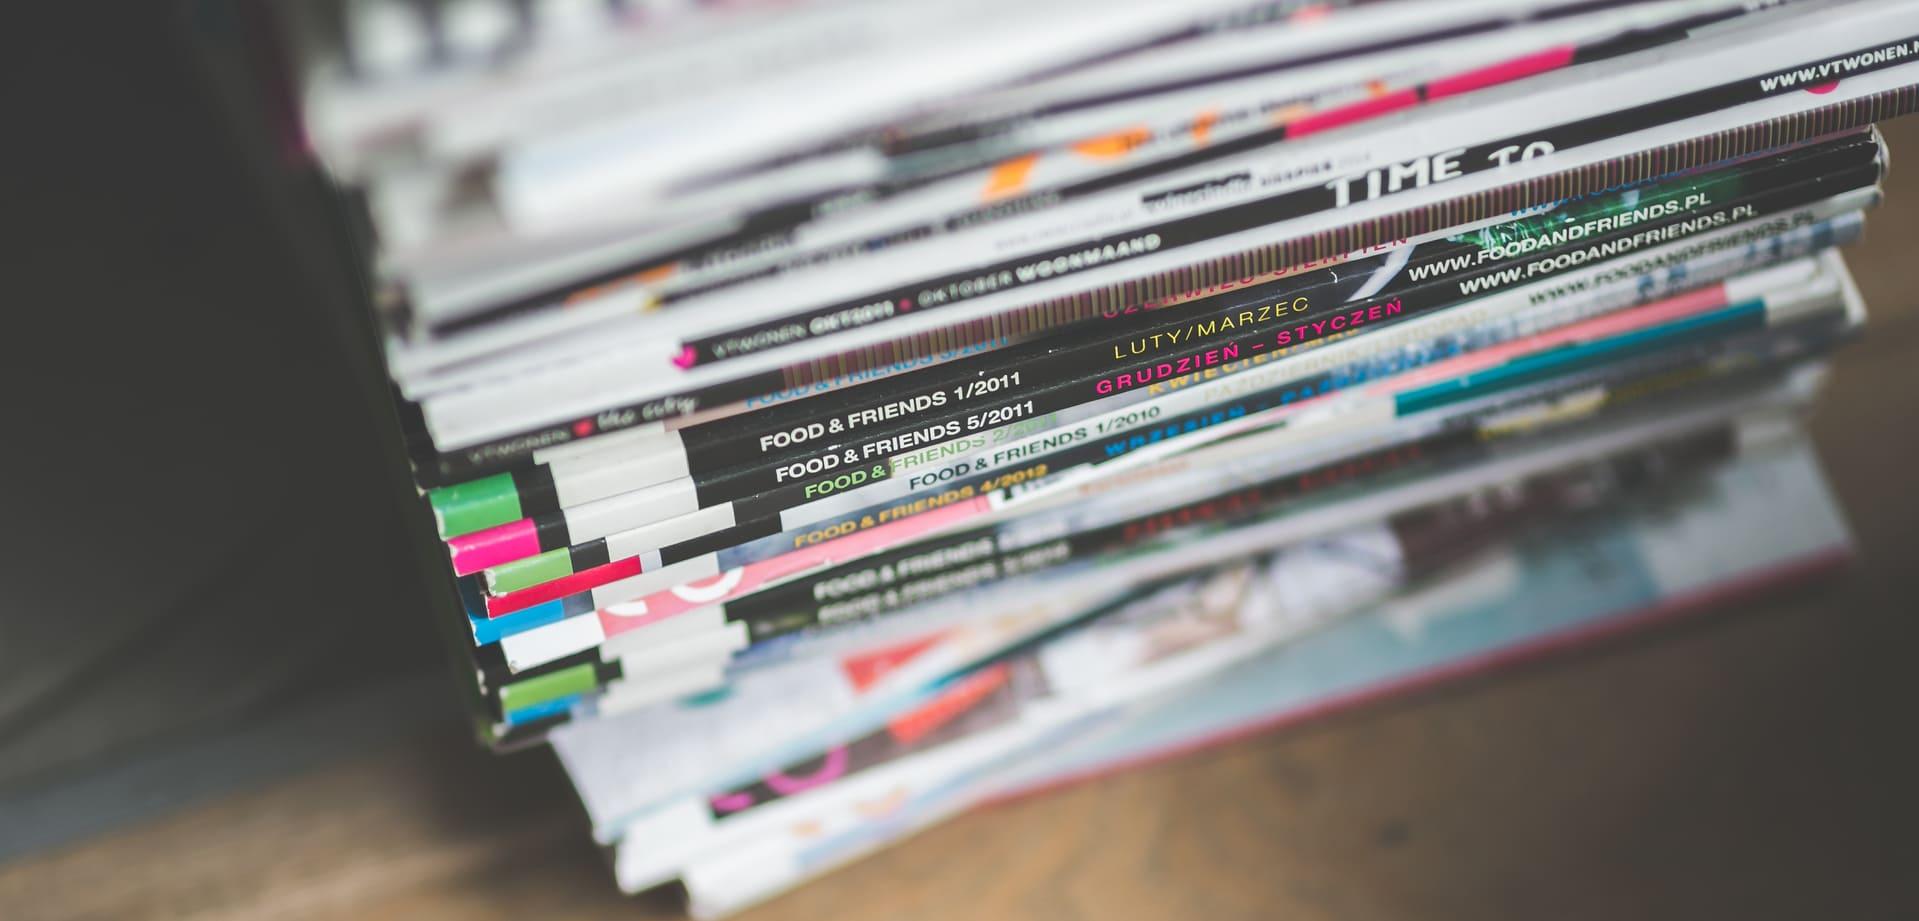 Boutique, Atelier, Cholet, Presse, Magazine, Couture